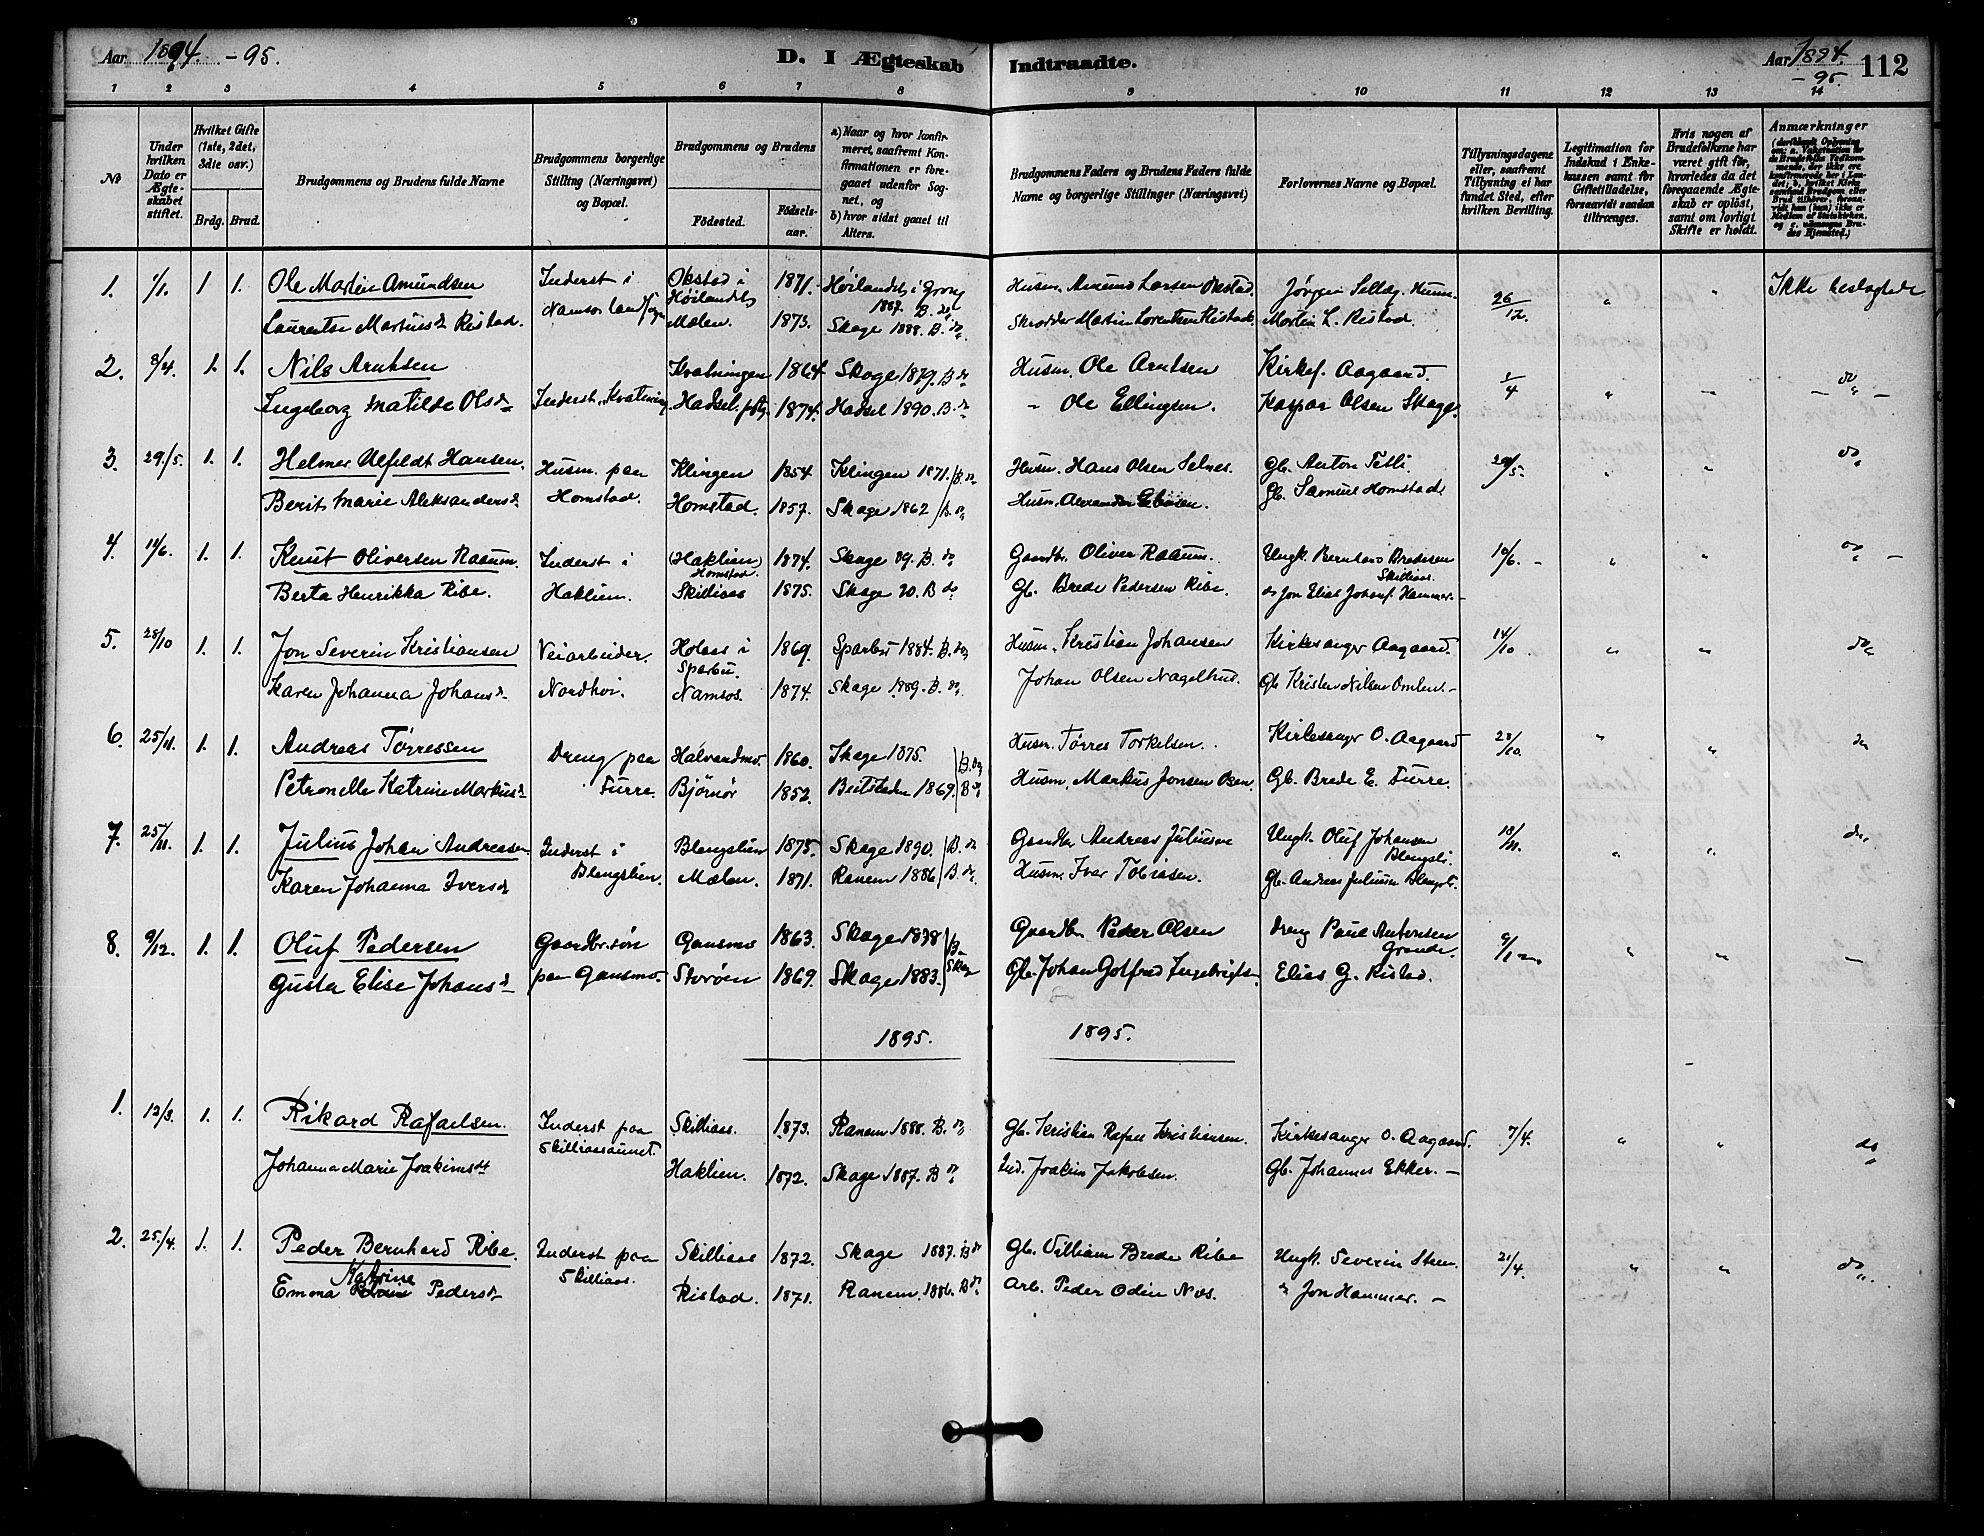 SAT, Ministerialprotokoller, klokkerbøker og fødselsregistre - Nord-Trøndelag, 766/L0563: Ministerialbok nr. 767A01, 1881-1899, s. 112